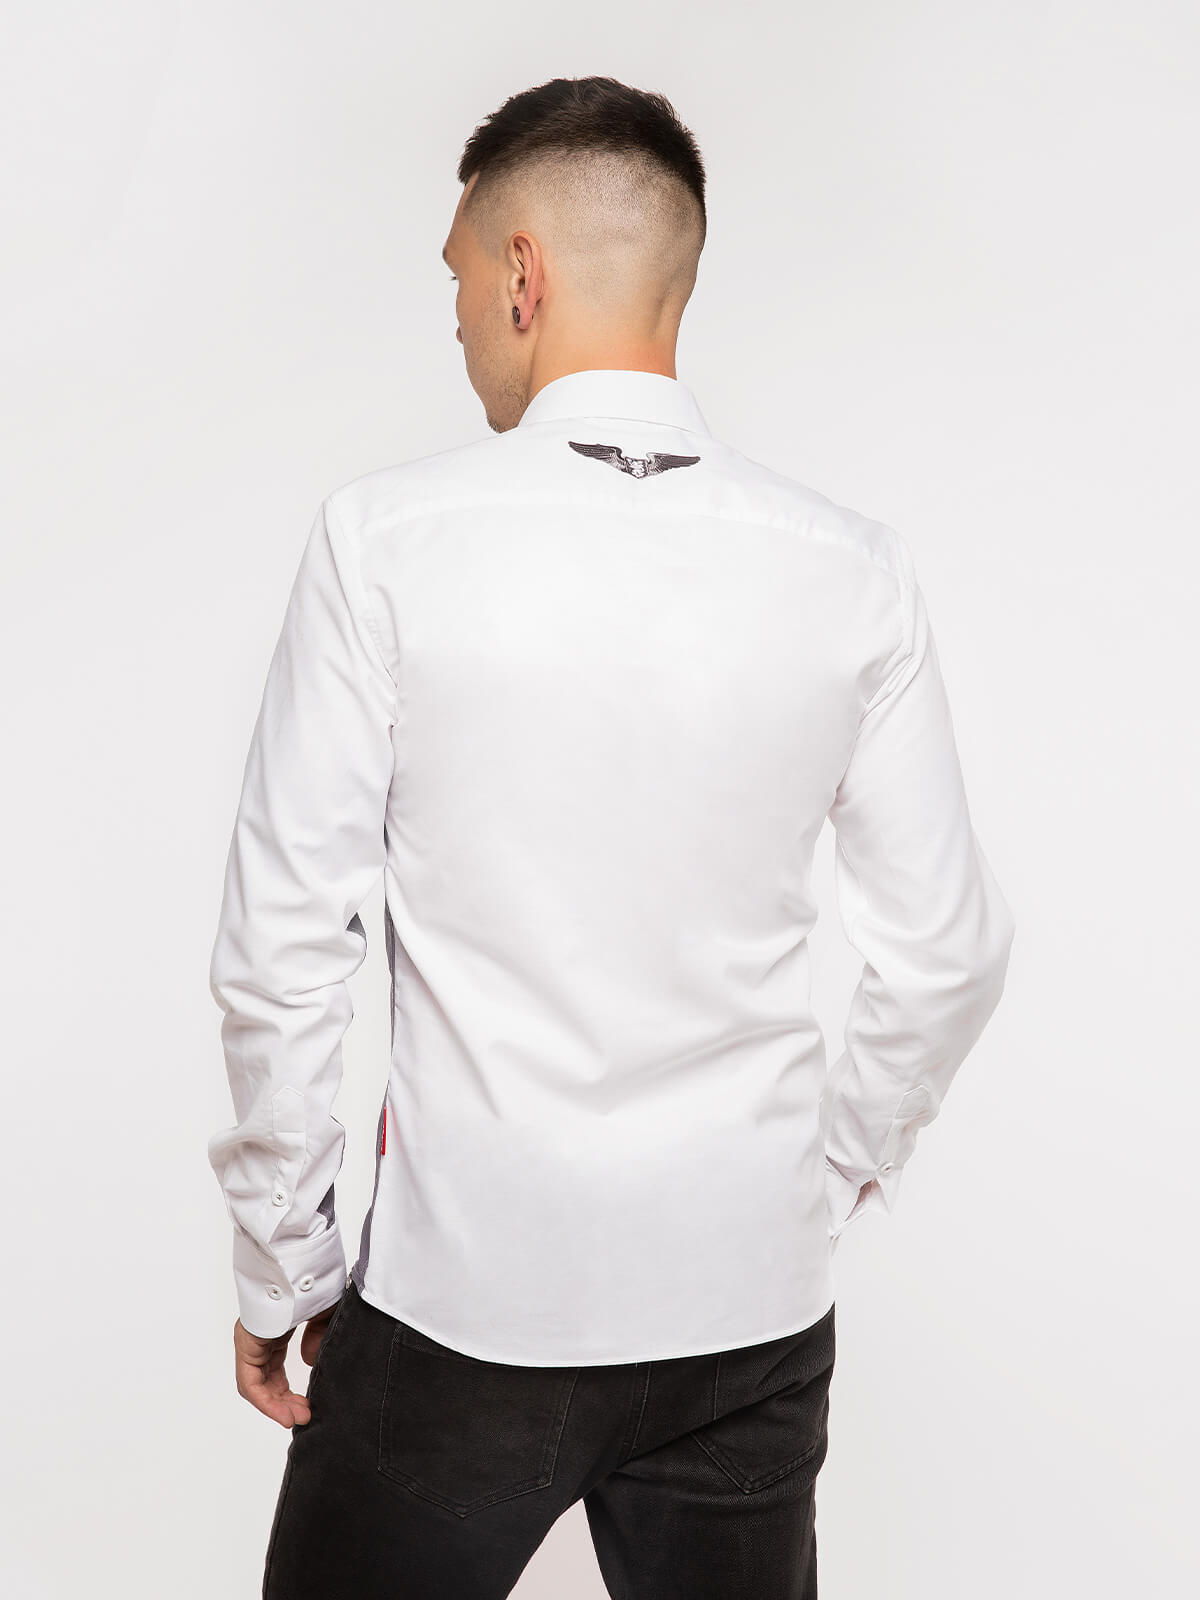 Чоловіча Сорочка Крила. Колір білий.  Технологія нанесення зображень: шовкодрук, вишивка.